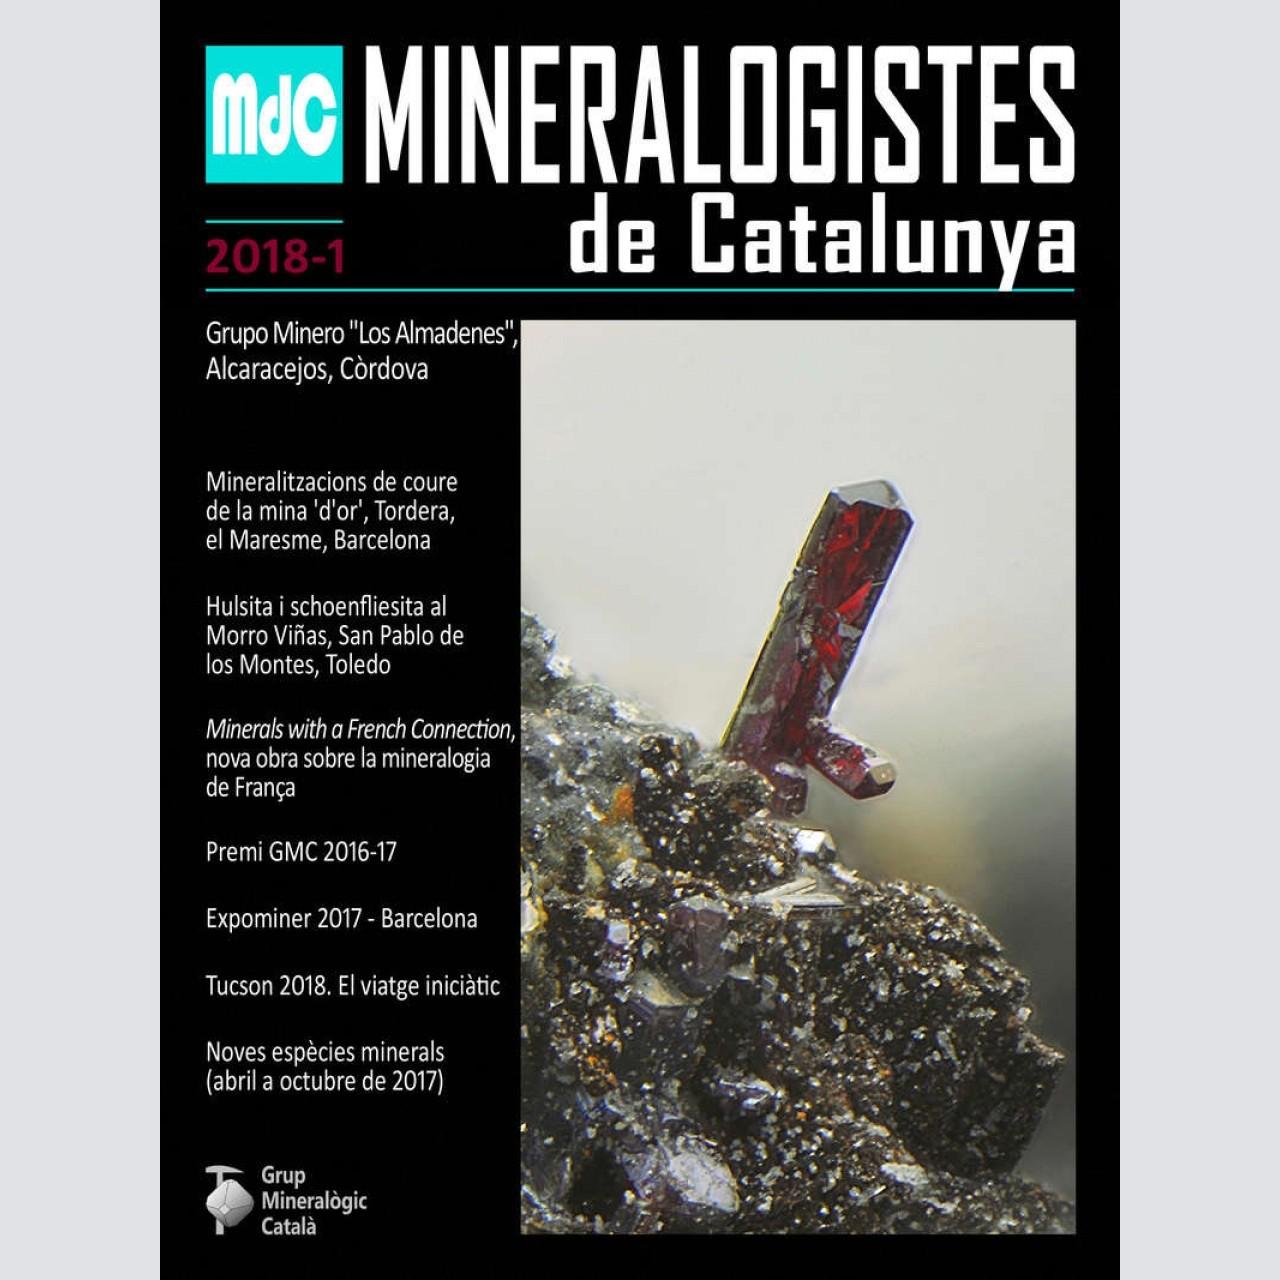 Mineralogistes de Catalunya (2018-1)